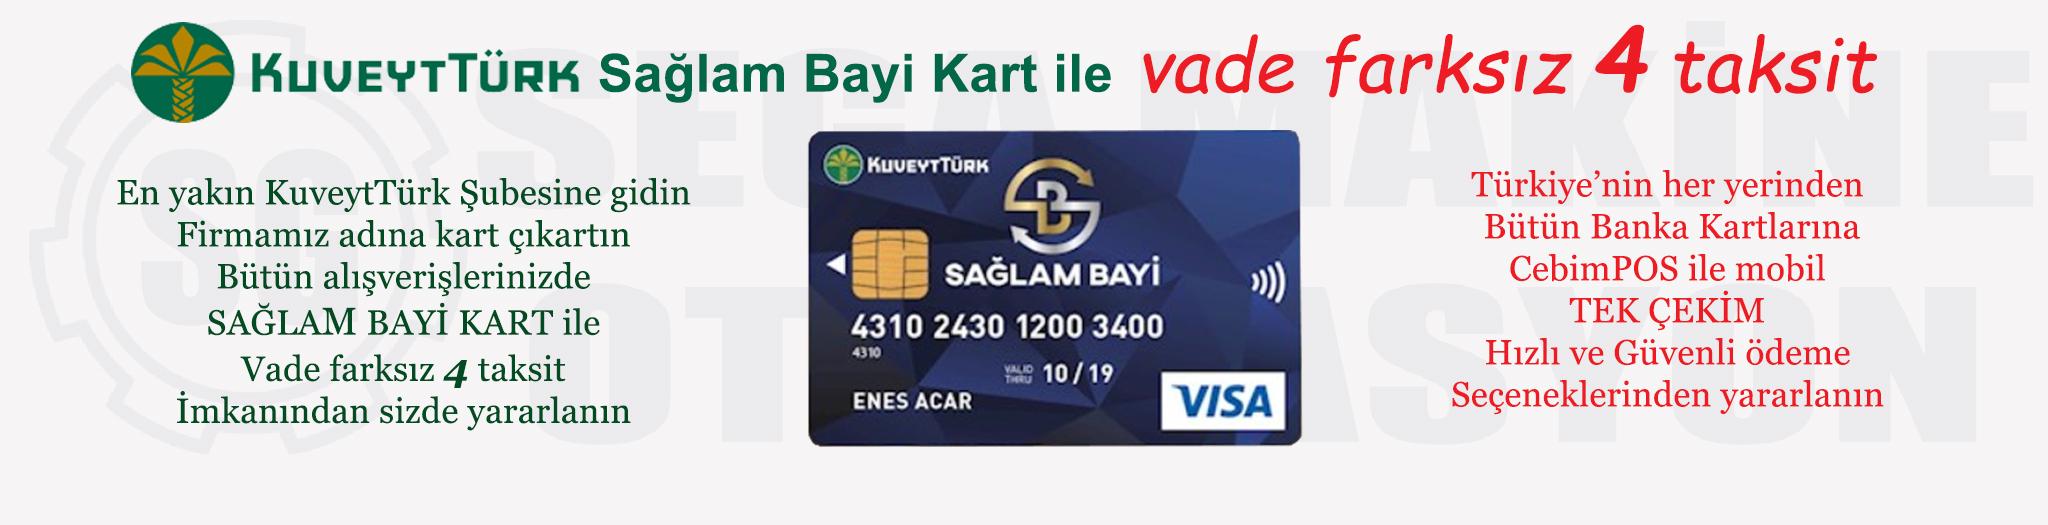 KuveytTürk Sağlam Bayi Kart ile 4 taksit Kampanyası